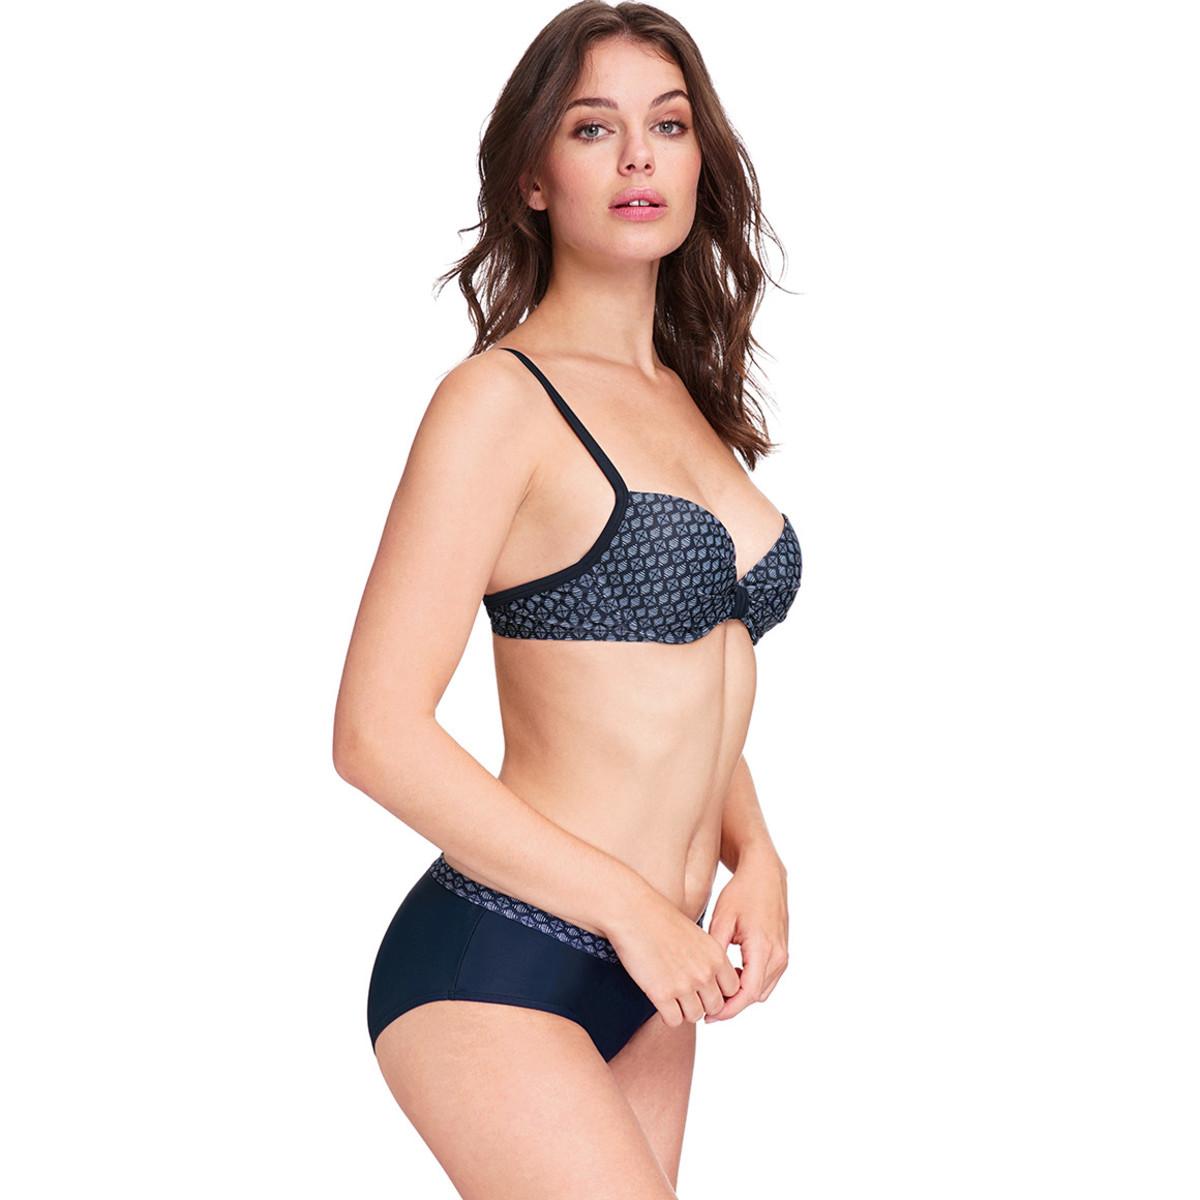 Bild 3 von Damen Bikinioberteil mit Allover-Muster